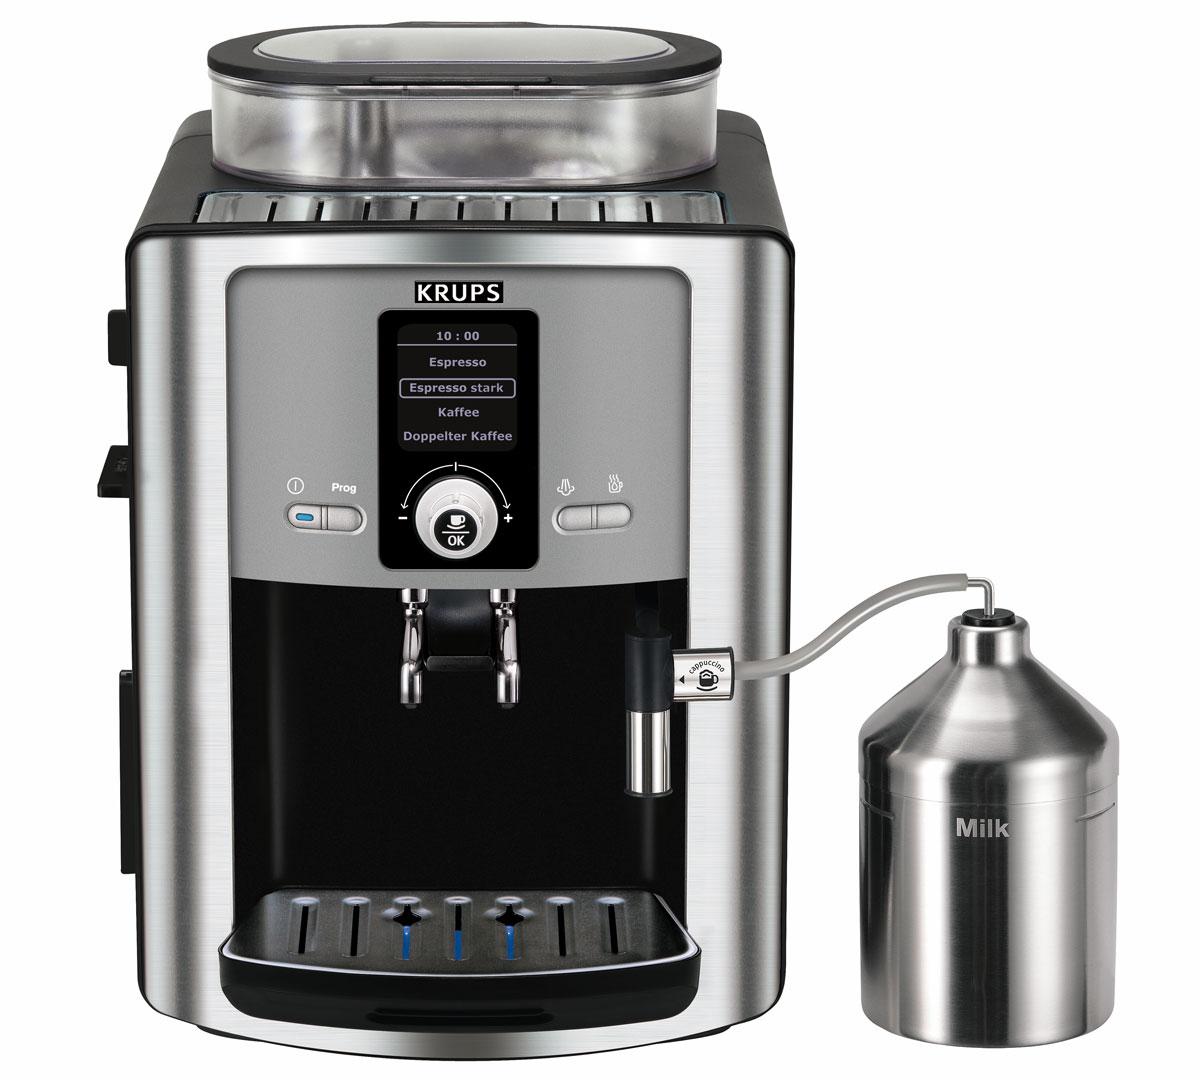 Krups EA8050PE Compact Espresseria кофемашинаEA8050Krups EA8050PE Compact Espresseria - компактная автоматическая кофемашина, которая приготовит ароматныйзерновой кофе по вашему вкусу. На панели управления можно установить крепость и температуру кофе посвоему вкусу, а также выбрать большую или маленькую порцию напитка от 20 до 220 мл. Регулируемыйкофейный дозатор на две порции позволяет установить высоту чашки от 60 до 105 мм.АвтокапучинаторДанная модель имеет специальное паровое сопло для подачи пены или горячего молока. Капучино или кофелатте – нажатием кнопки: молоко автоматически всасывается из контейнера, нагревается и смешивается,молочная пена или горячее молоко наливаются непосредственно в чашку.Фильтр для водыЭффективность работы фильтра основана на запатентованной технологии принцип восходящего потока:фильтр активизируется только тогда, когда вода начинает всасываться помпой. Смягчает жесткую воду,снижает содержание вредных примесей в воде, влияющих на вкус эспрессо (жесткость воды до 75%; хлор до 85%;свинец до 90%; медь до 95%; алюминий до 67%).Регулировка тонкости помола поворотом ключаАроматный и горячий кофе-эспрессо получится уже с самой первой чашки за счет моментального иравномерного нагрева воды и оптимальной экстракции кофе.Емкость контейнера для зерен: 275 г Контейнер для отходов Одновременное приготовление двух чашек Автоматическая декальцинация Фильтр для воды Автоматические программы по уходу Регулируемая высота дозатора для кофе Съемный лоток для сбора капель Емкость для молока 700 мл Раздельные бойлеры